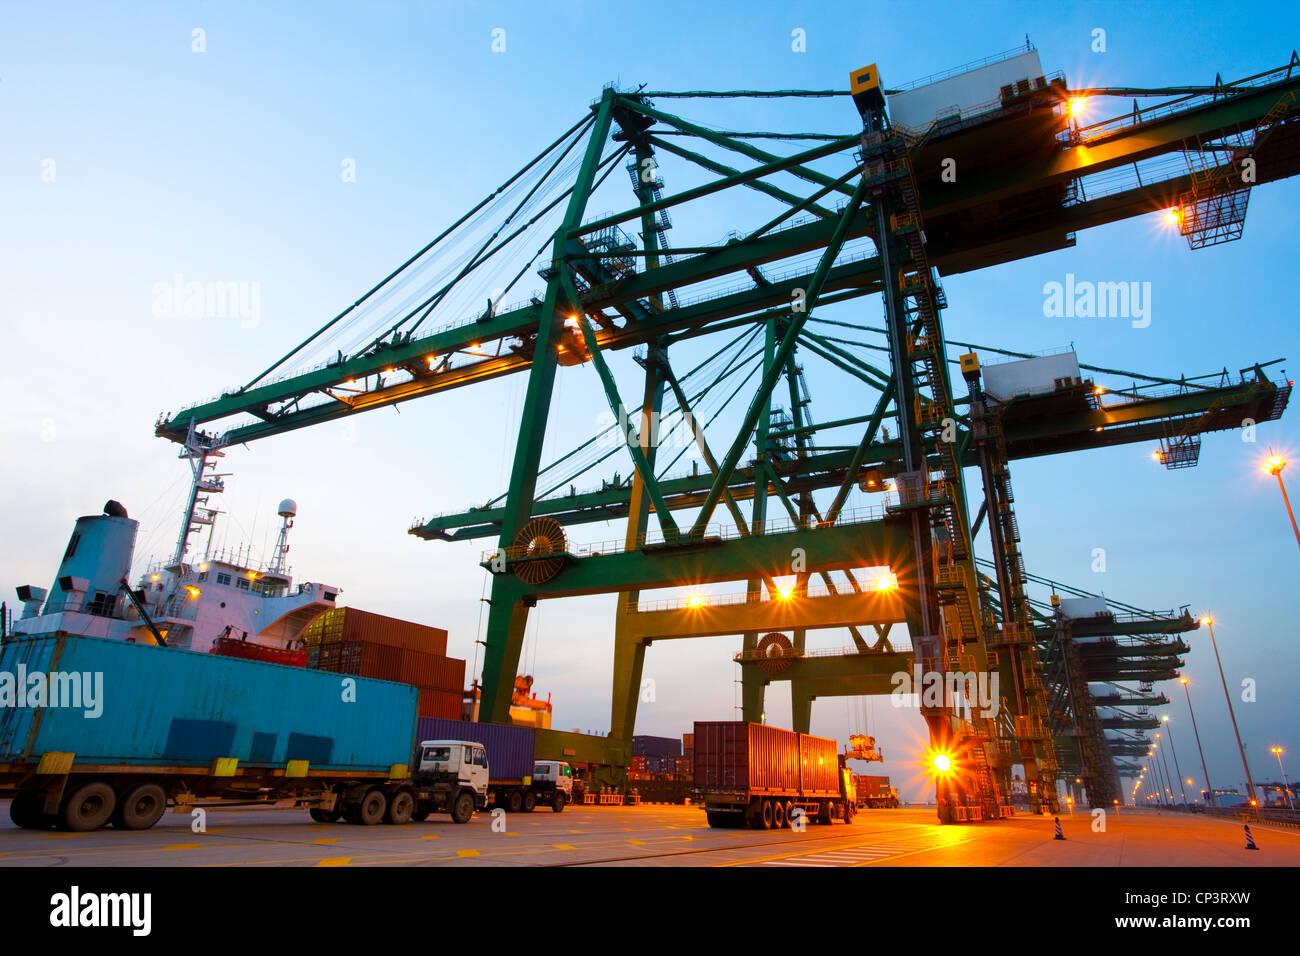 Krane, Container und LKW an einem Hafen während der Dämmerung Stockbild